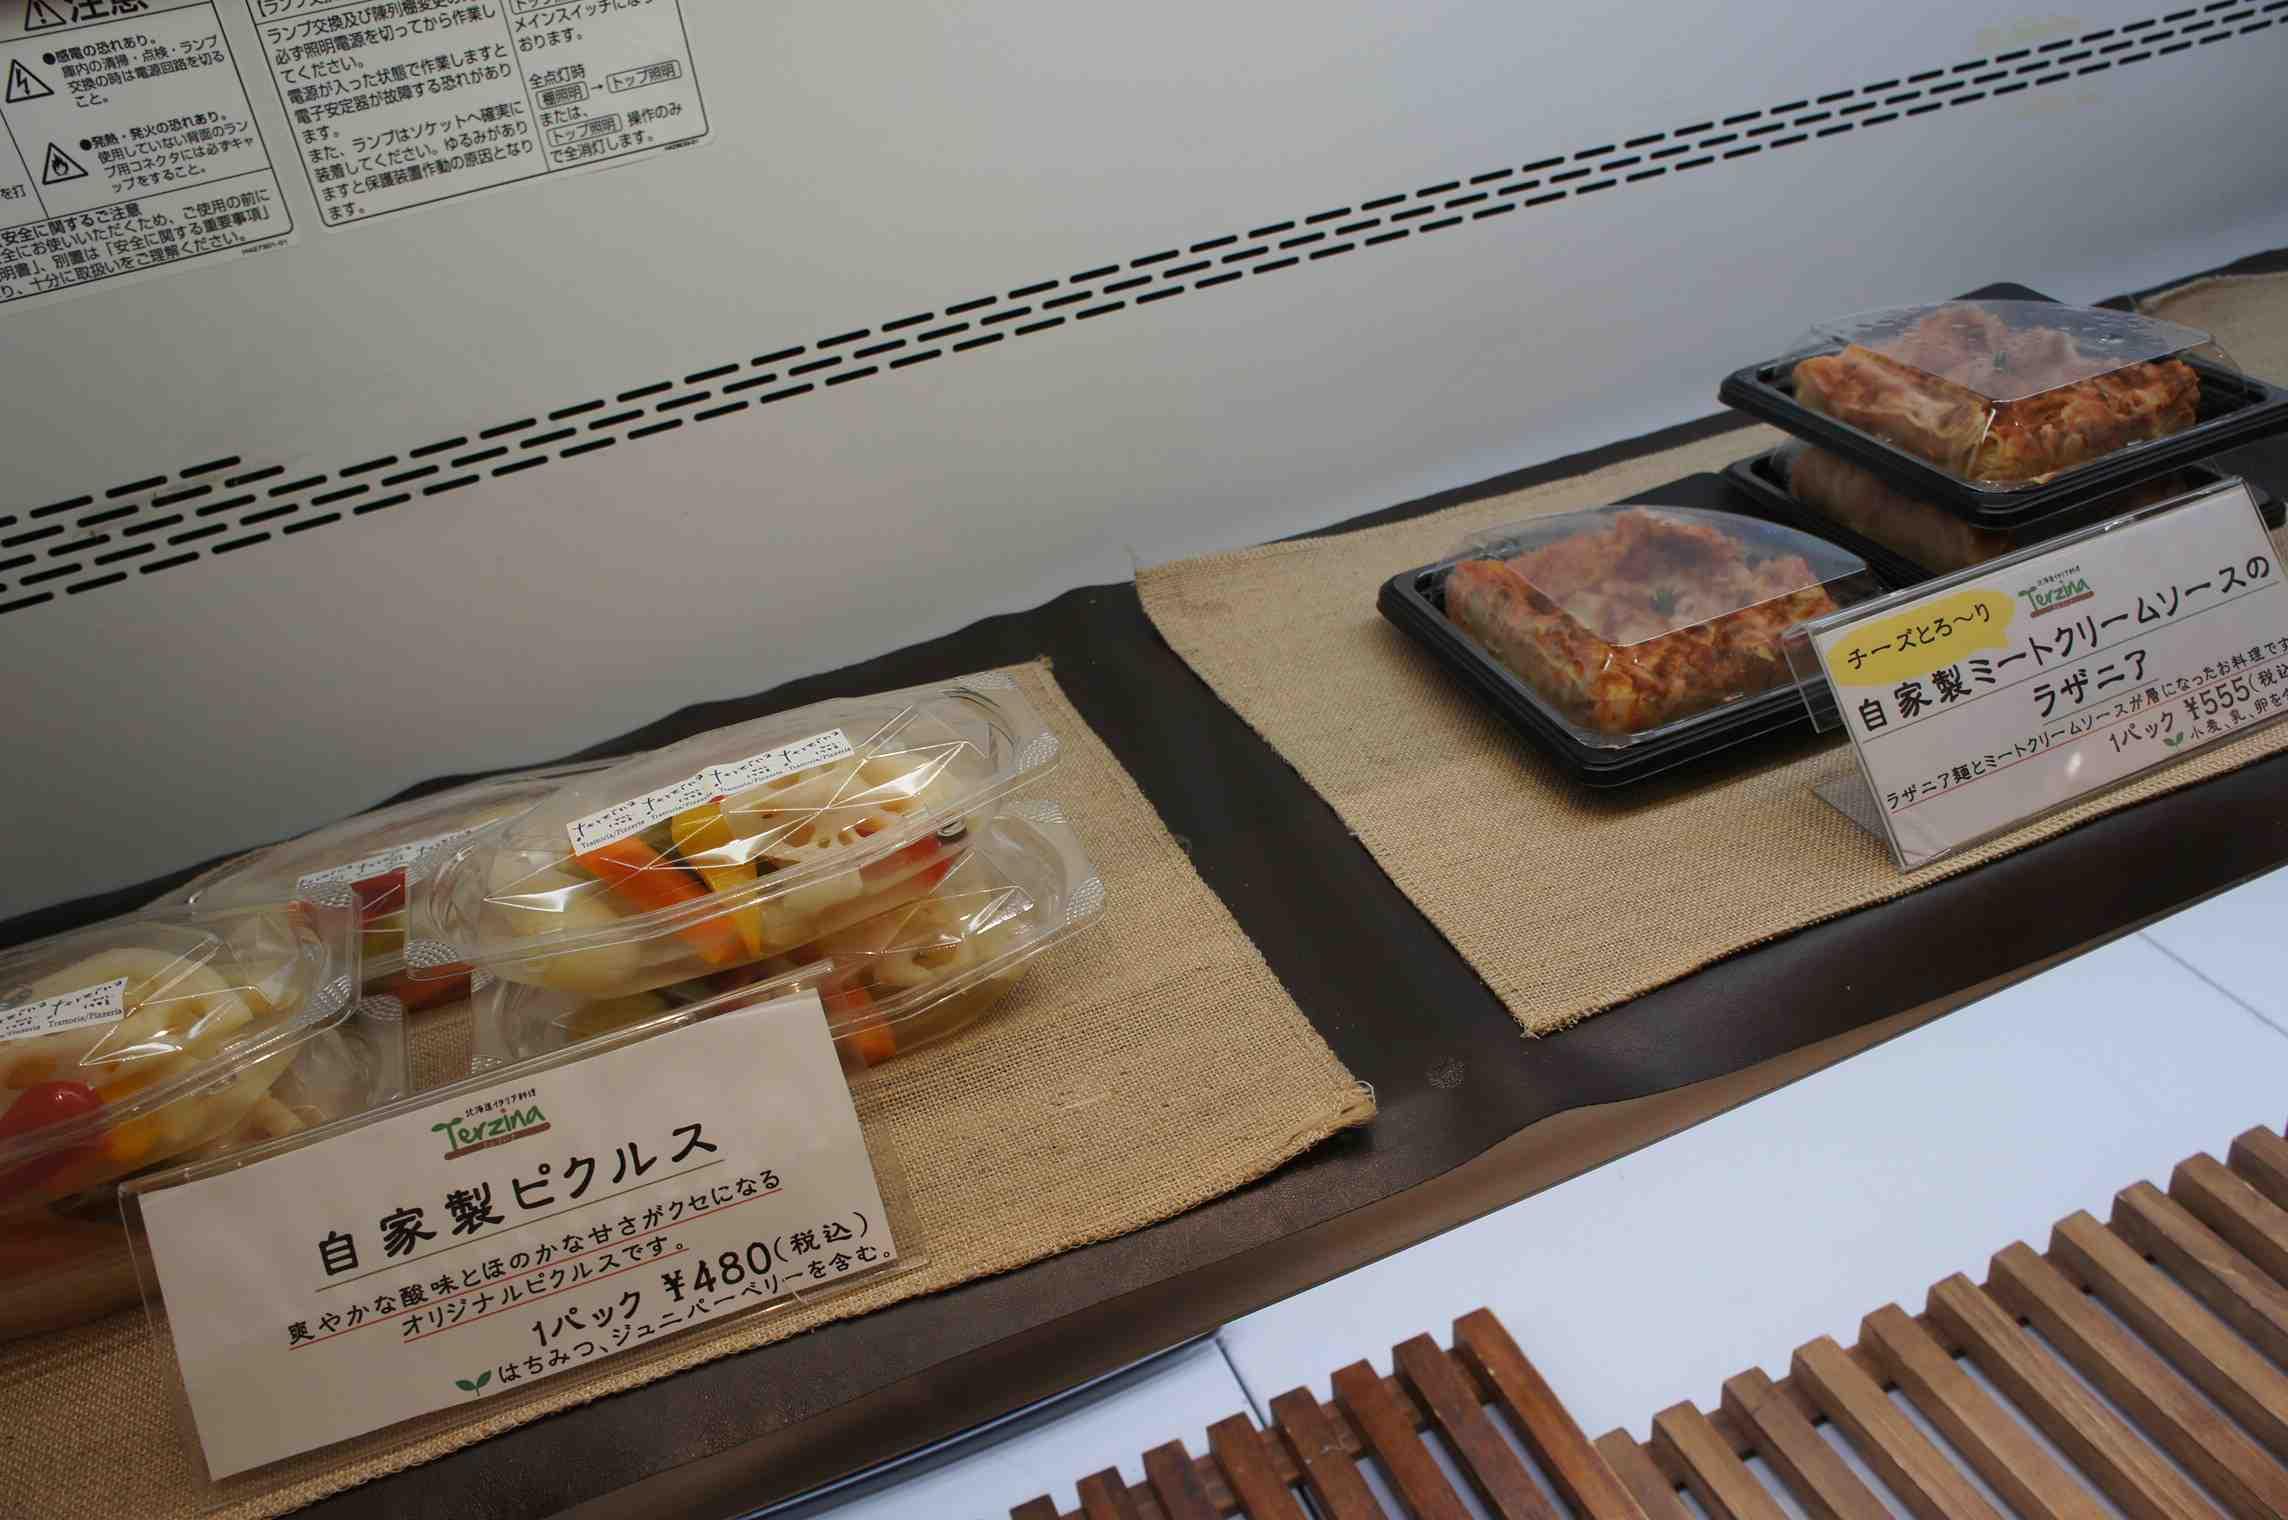 北海道イタリア料理 Terzina